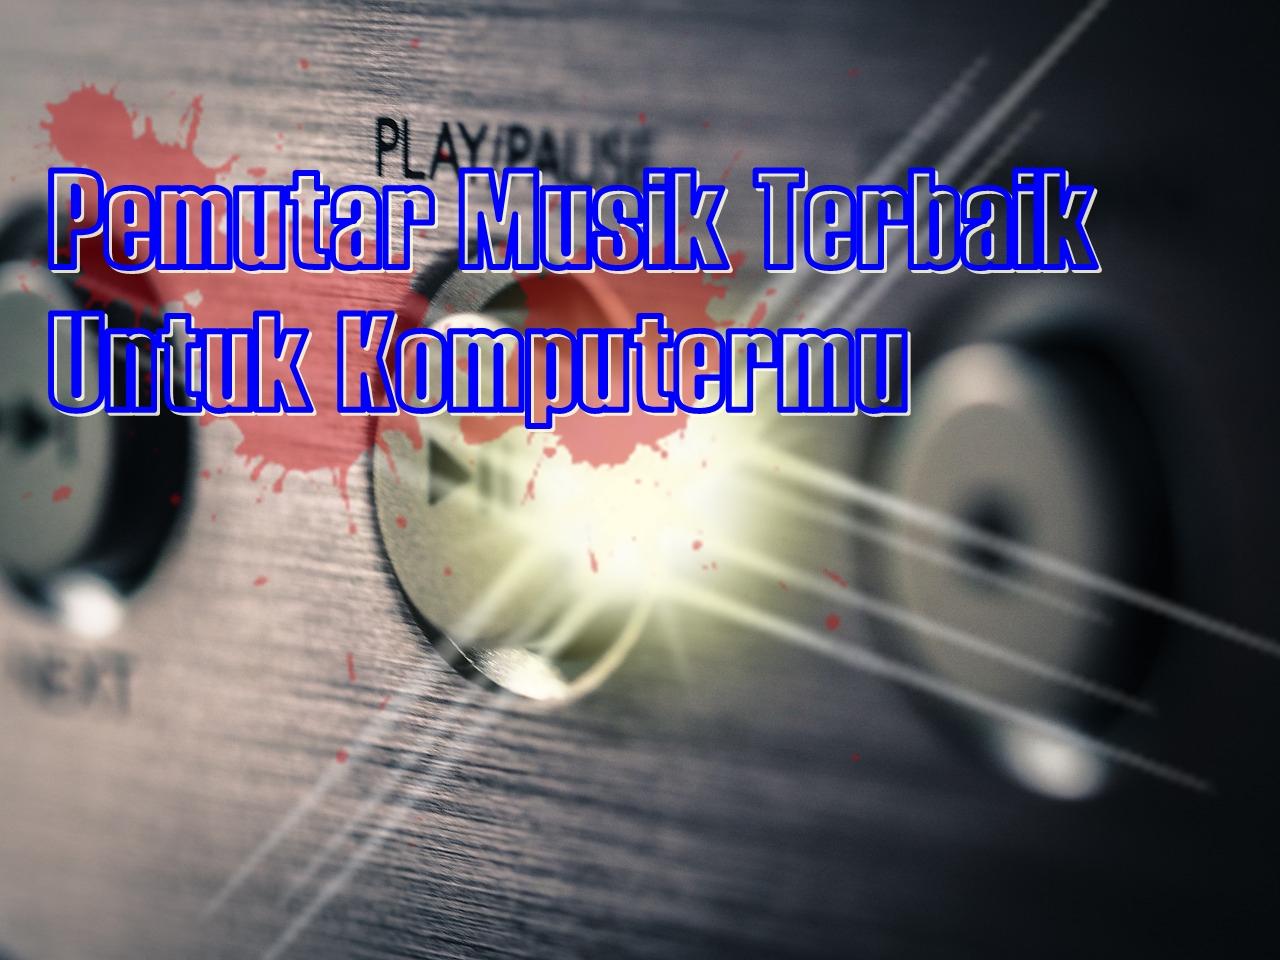 download aplikasi pemutar musik untuk laptop windows 7